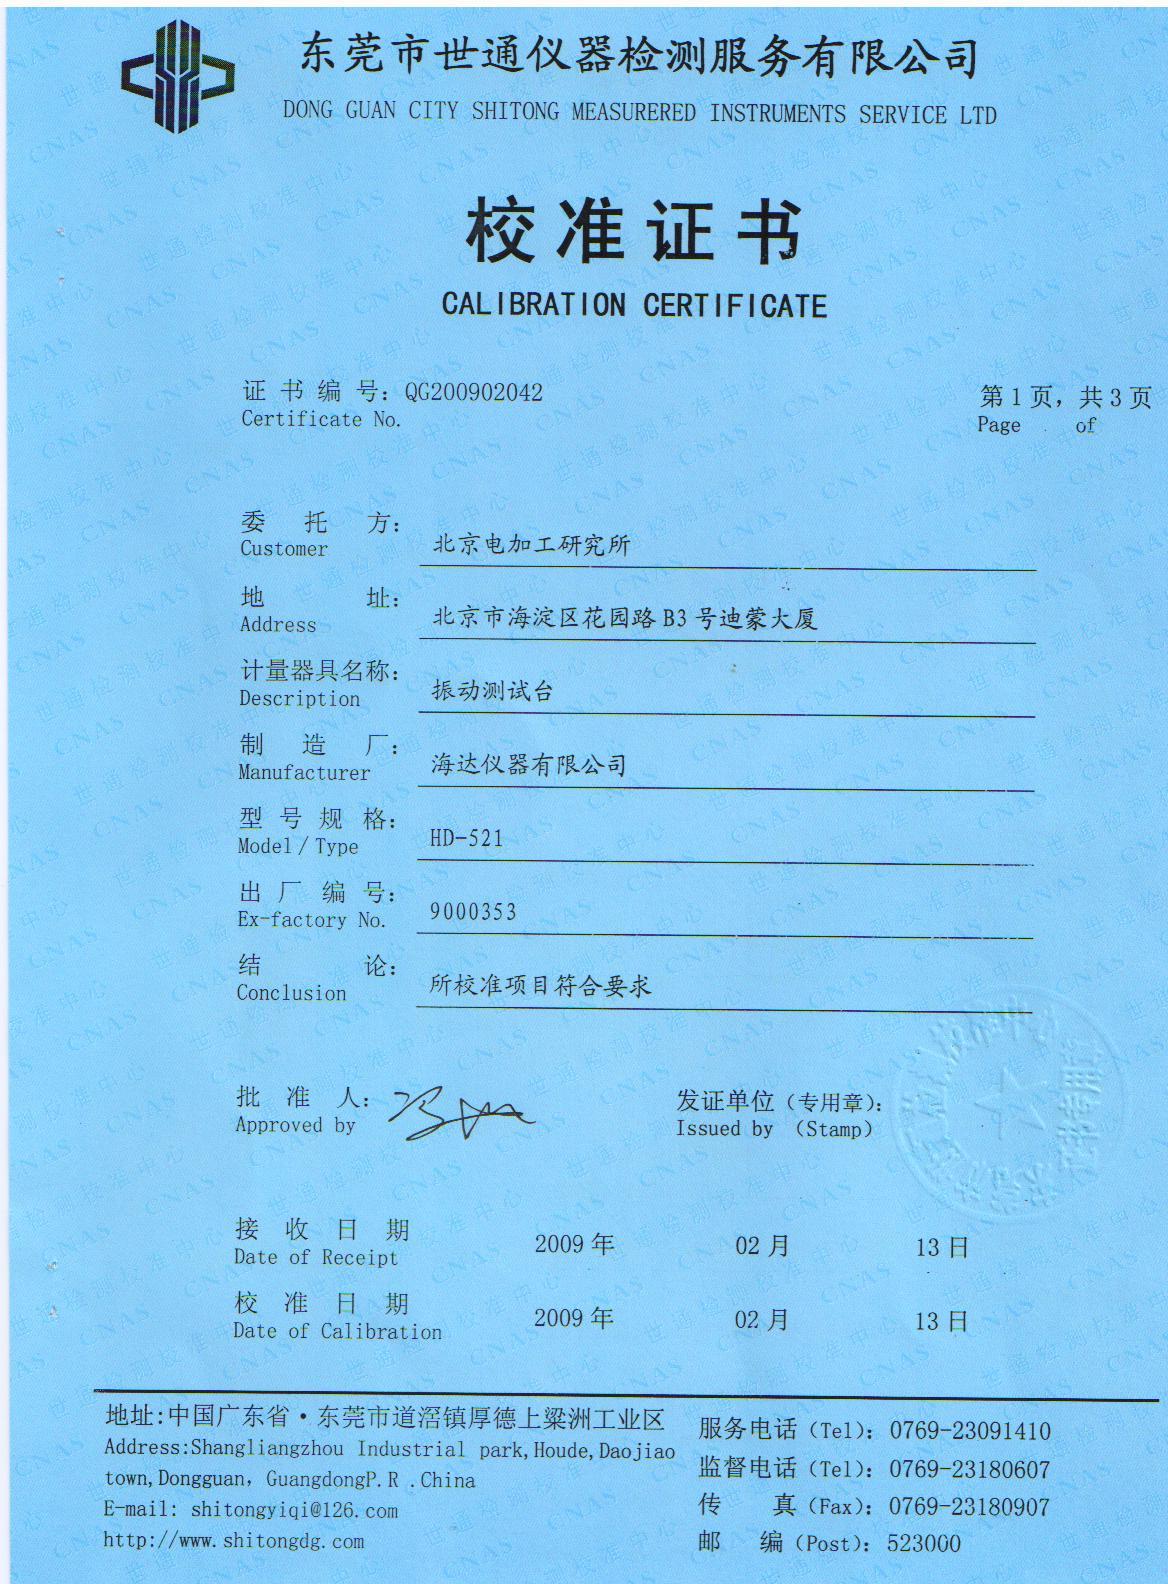 校准证书9